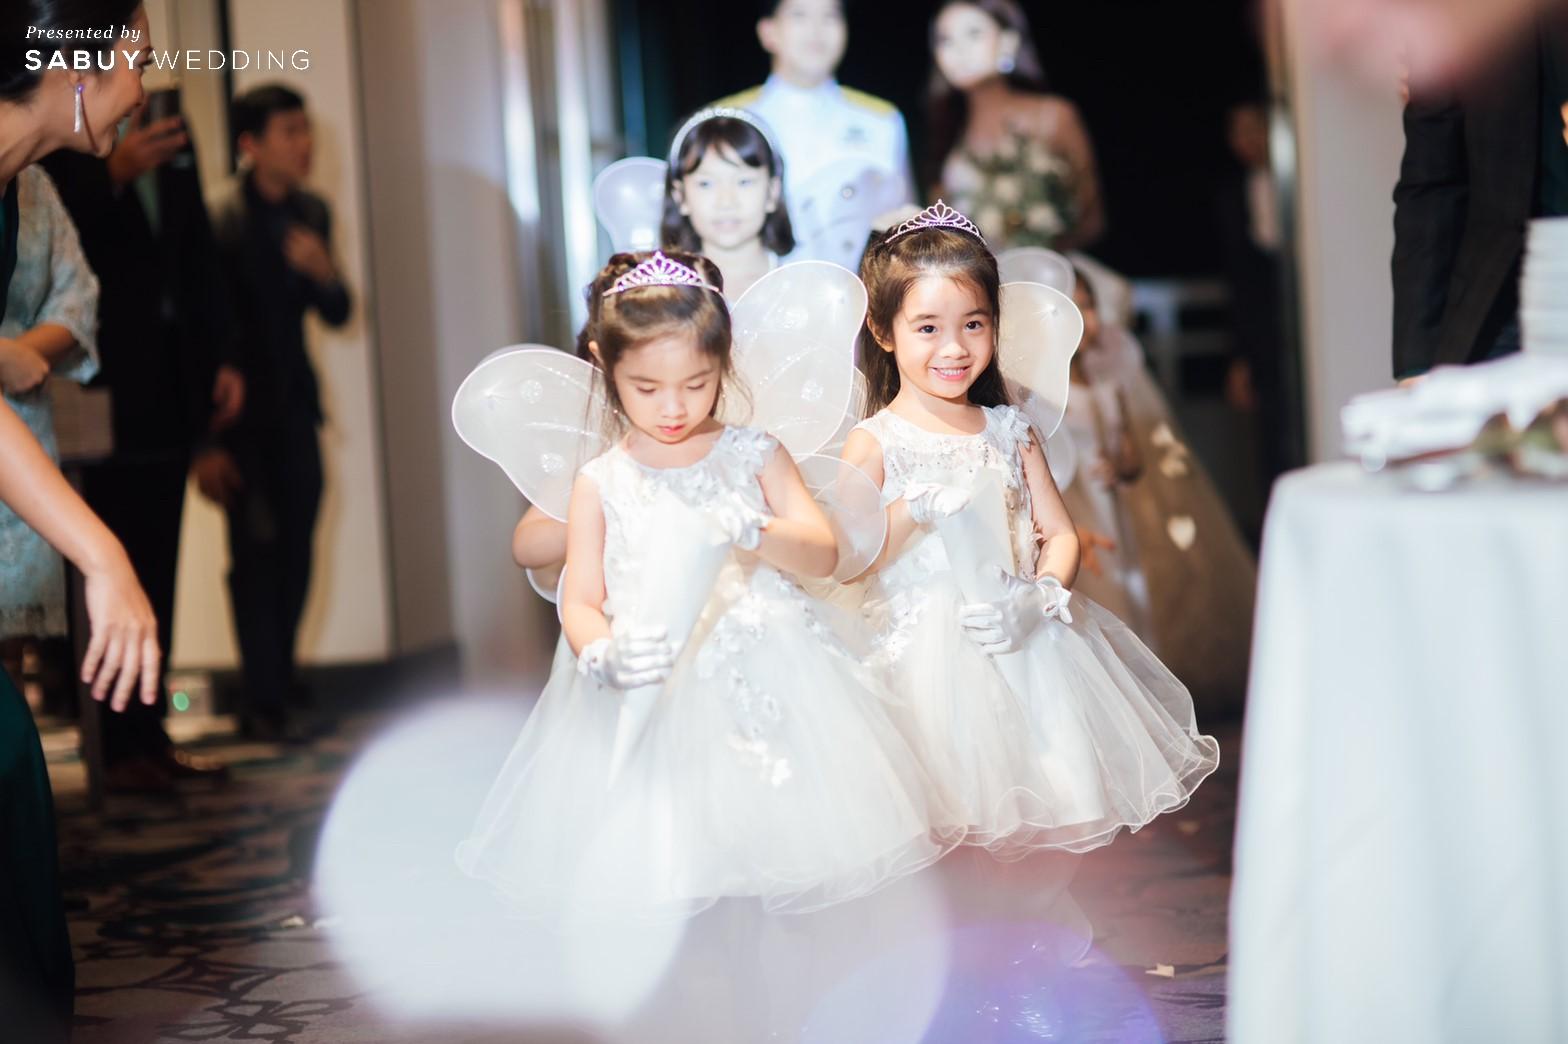 งานแต่งงาน รีวิวงานแต่งริมน้ำสุดอบอุ่น สวยละมุนในโทนขาวเขียว @ Chatrium Hotel Riverside Bangkok